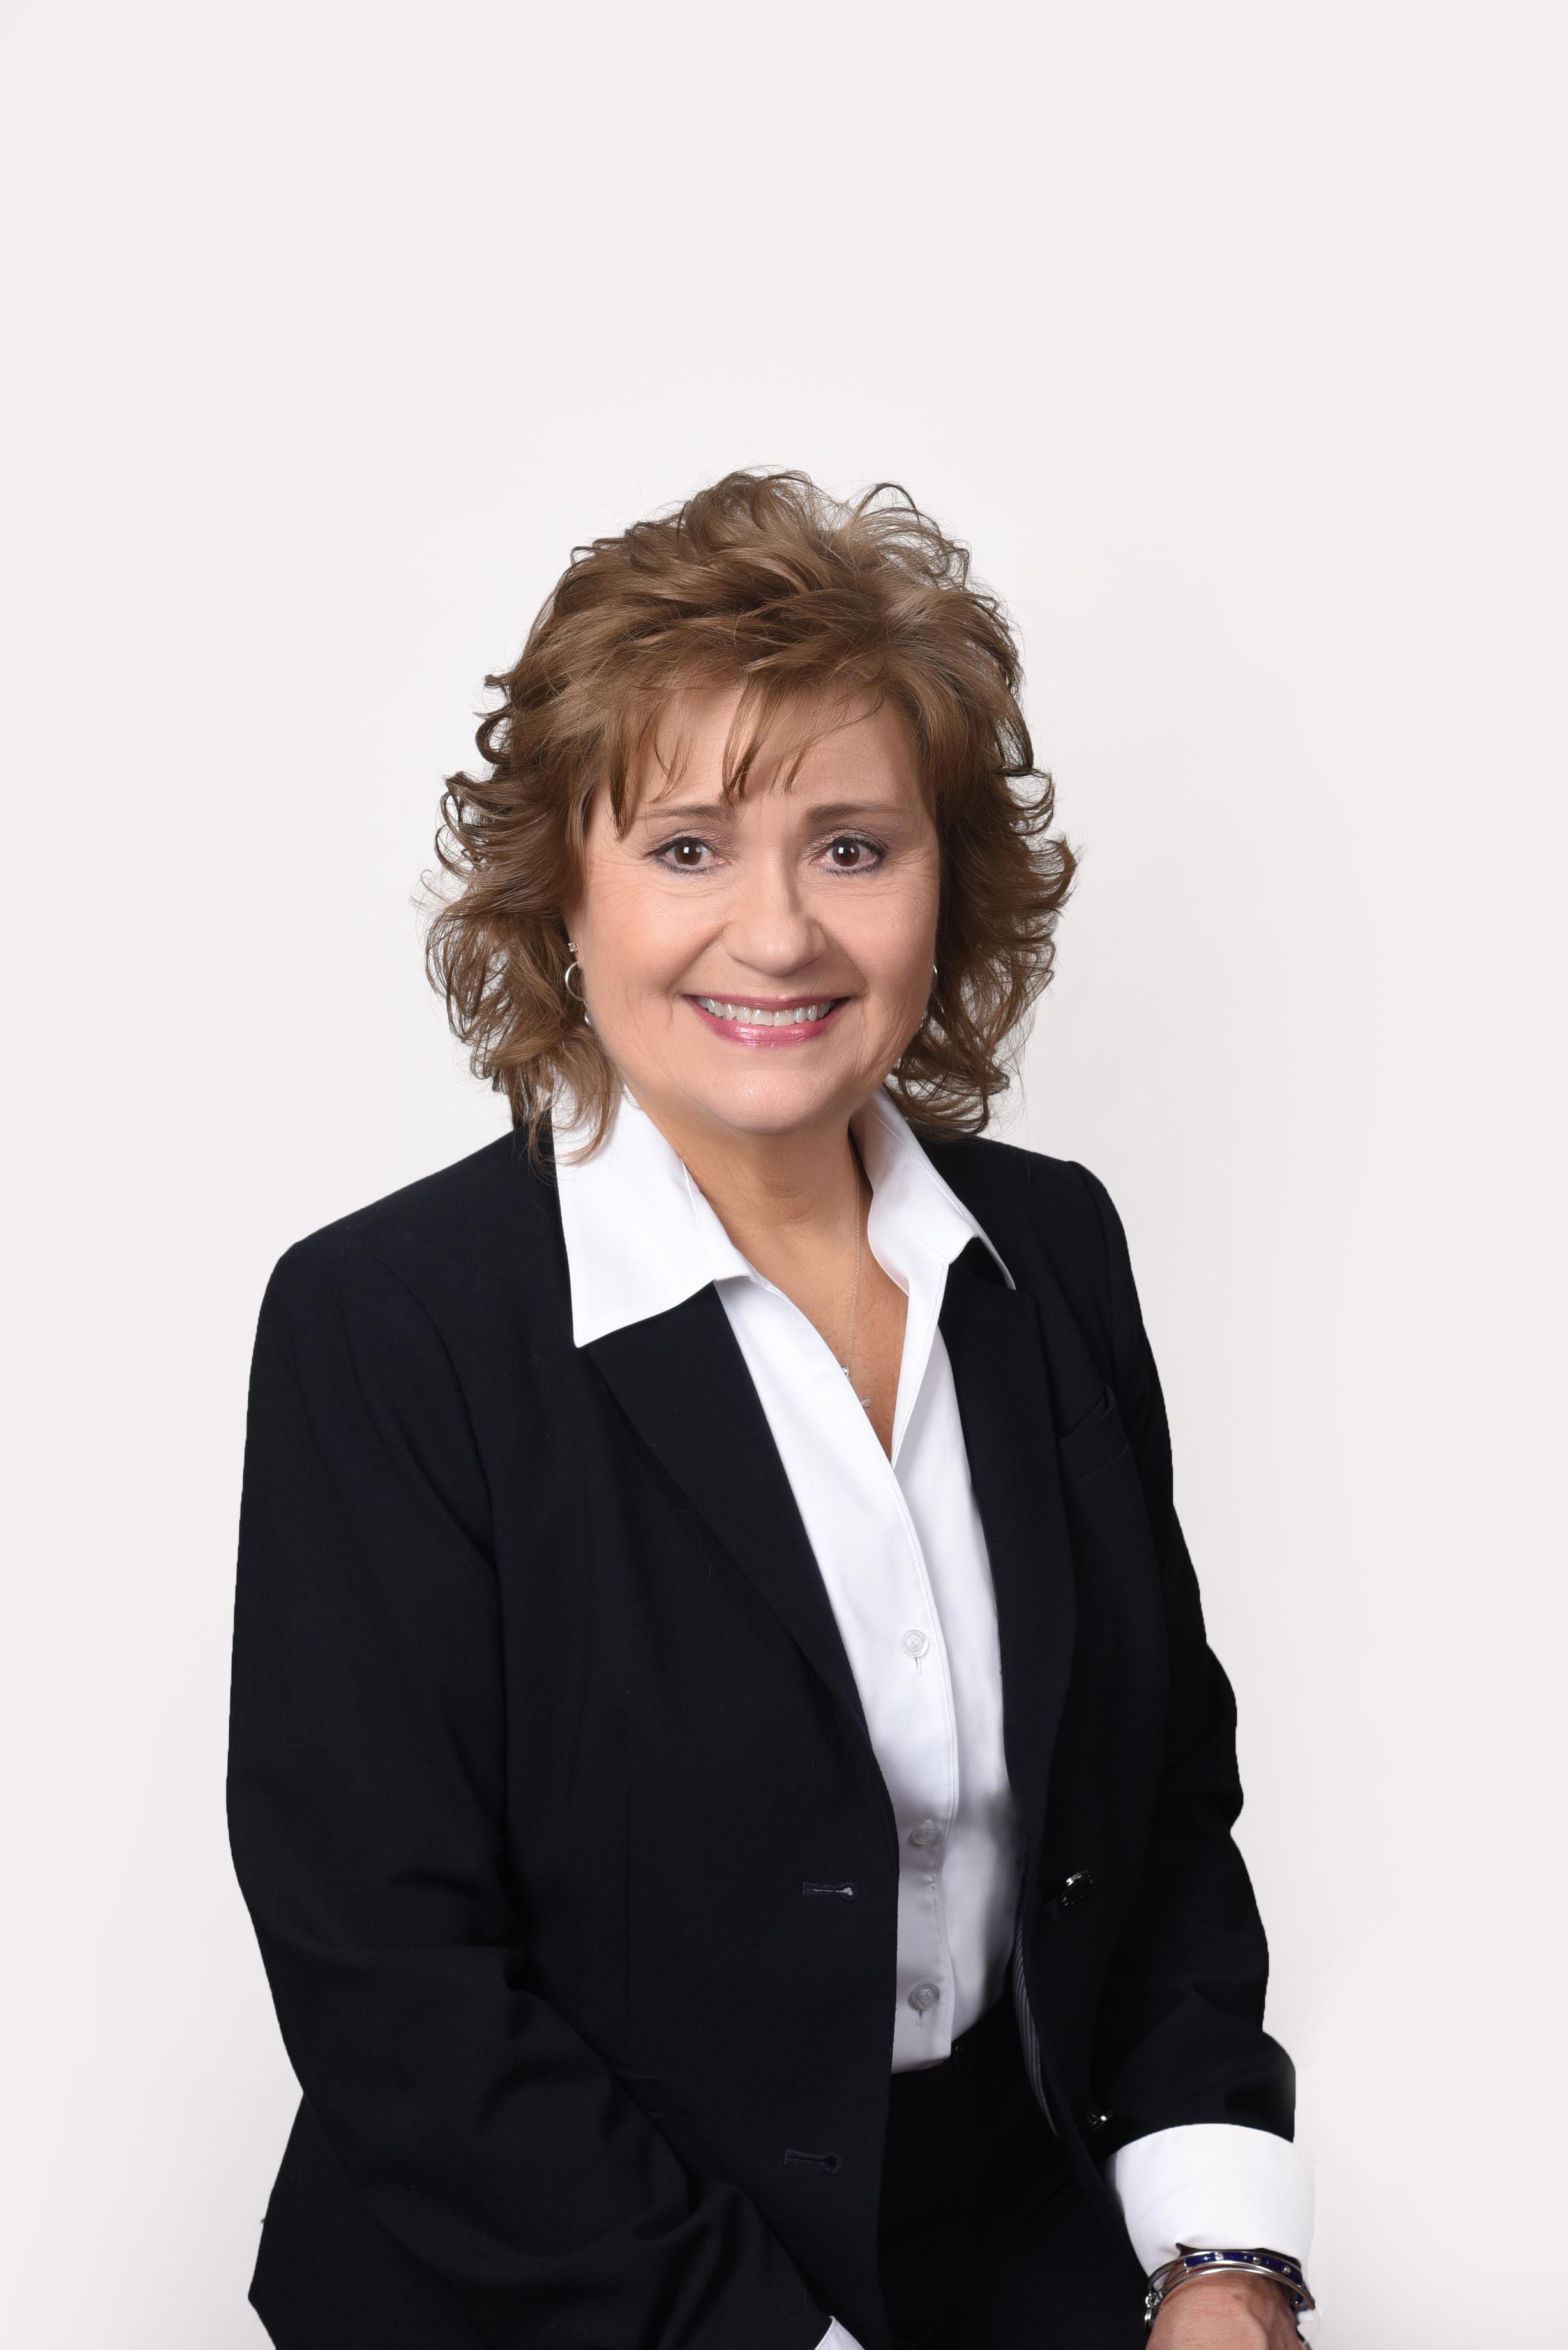 Debbie Cash